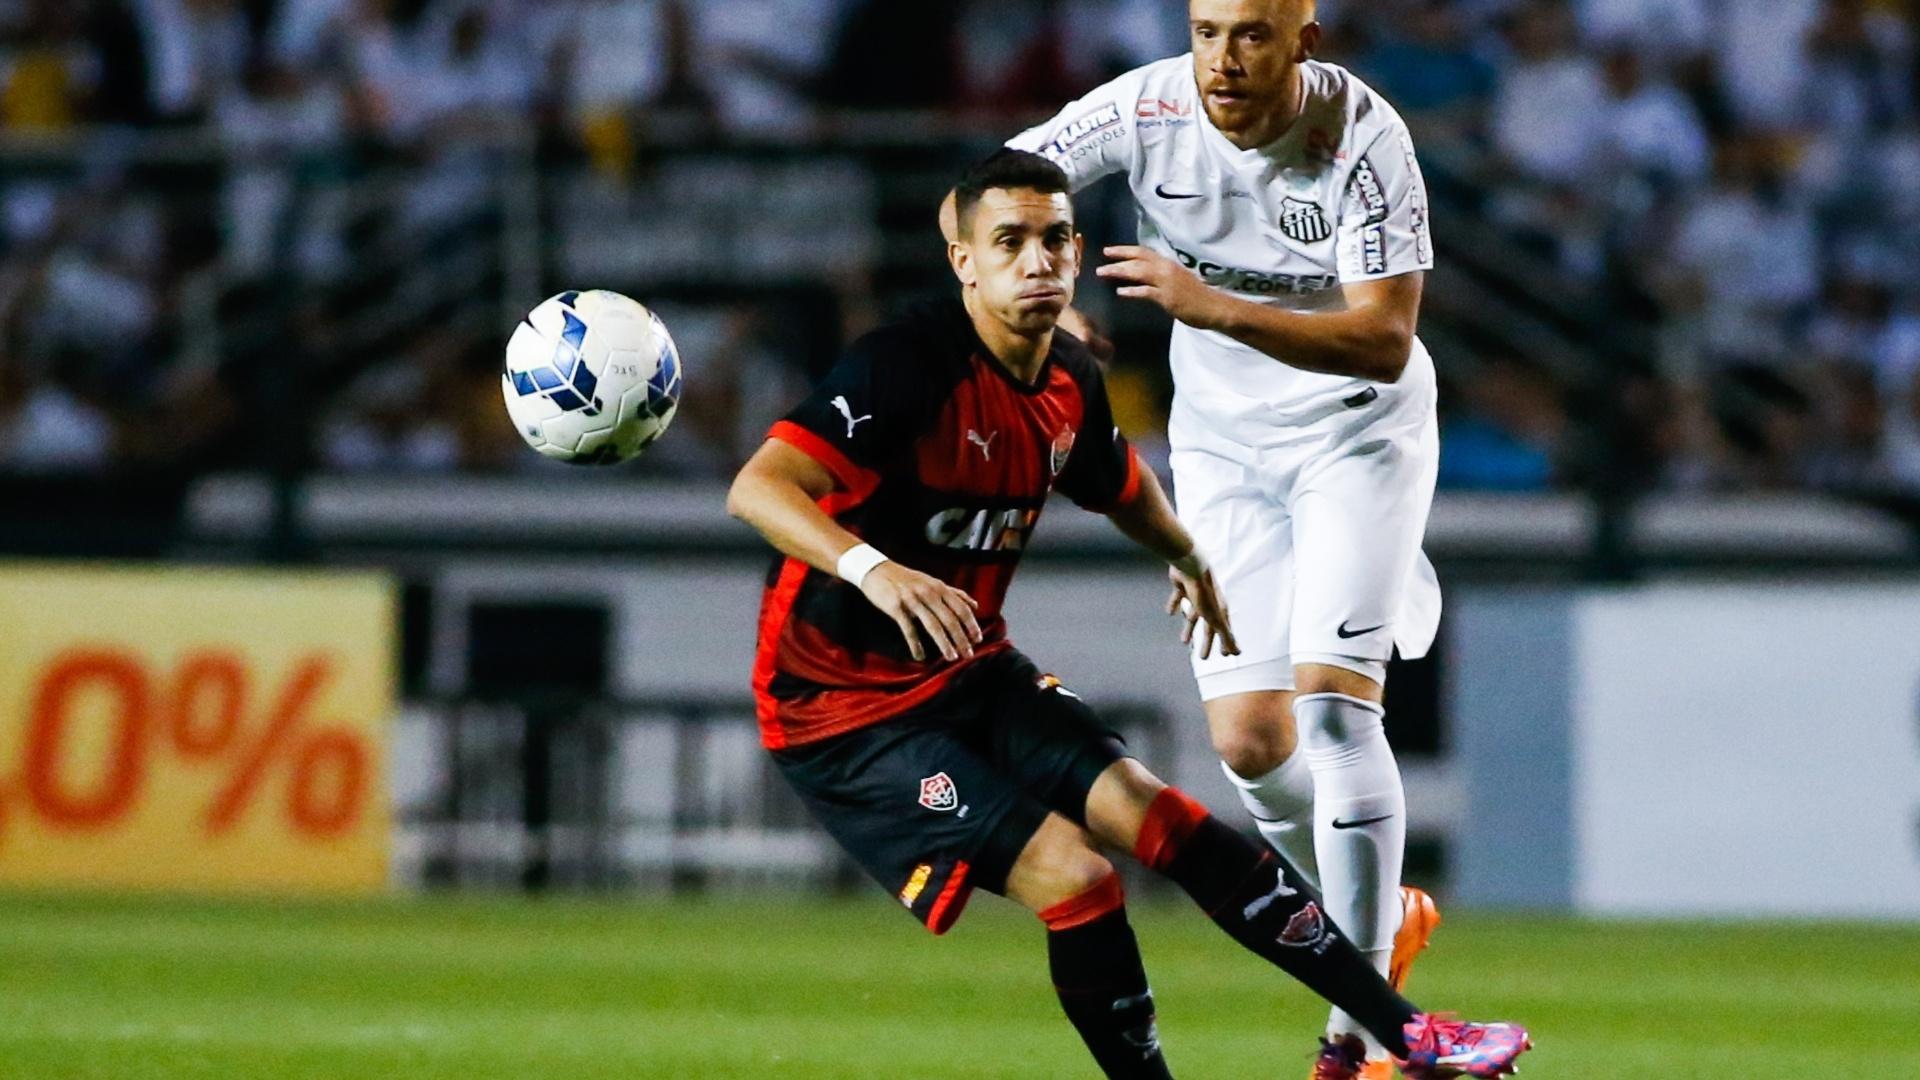 Souza bate para o gol na partida entre Santos e Vitória pelo Brasileirão